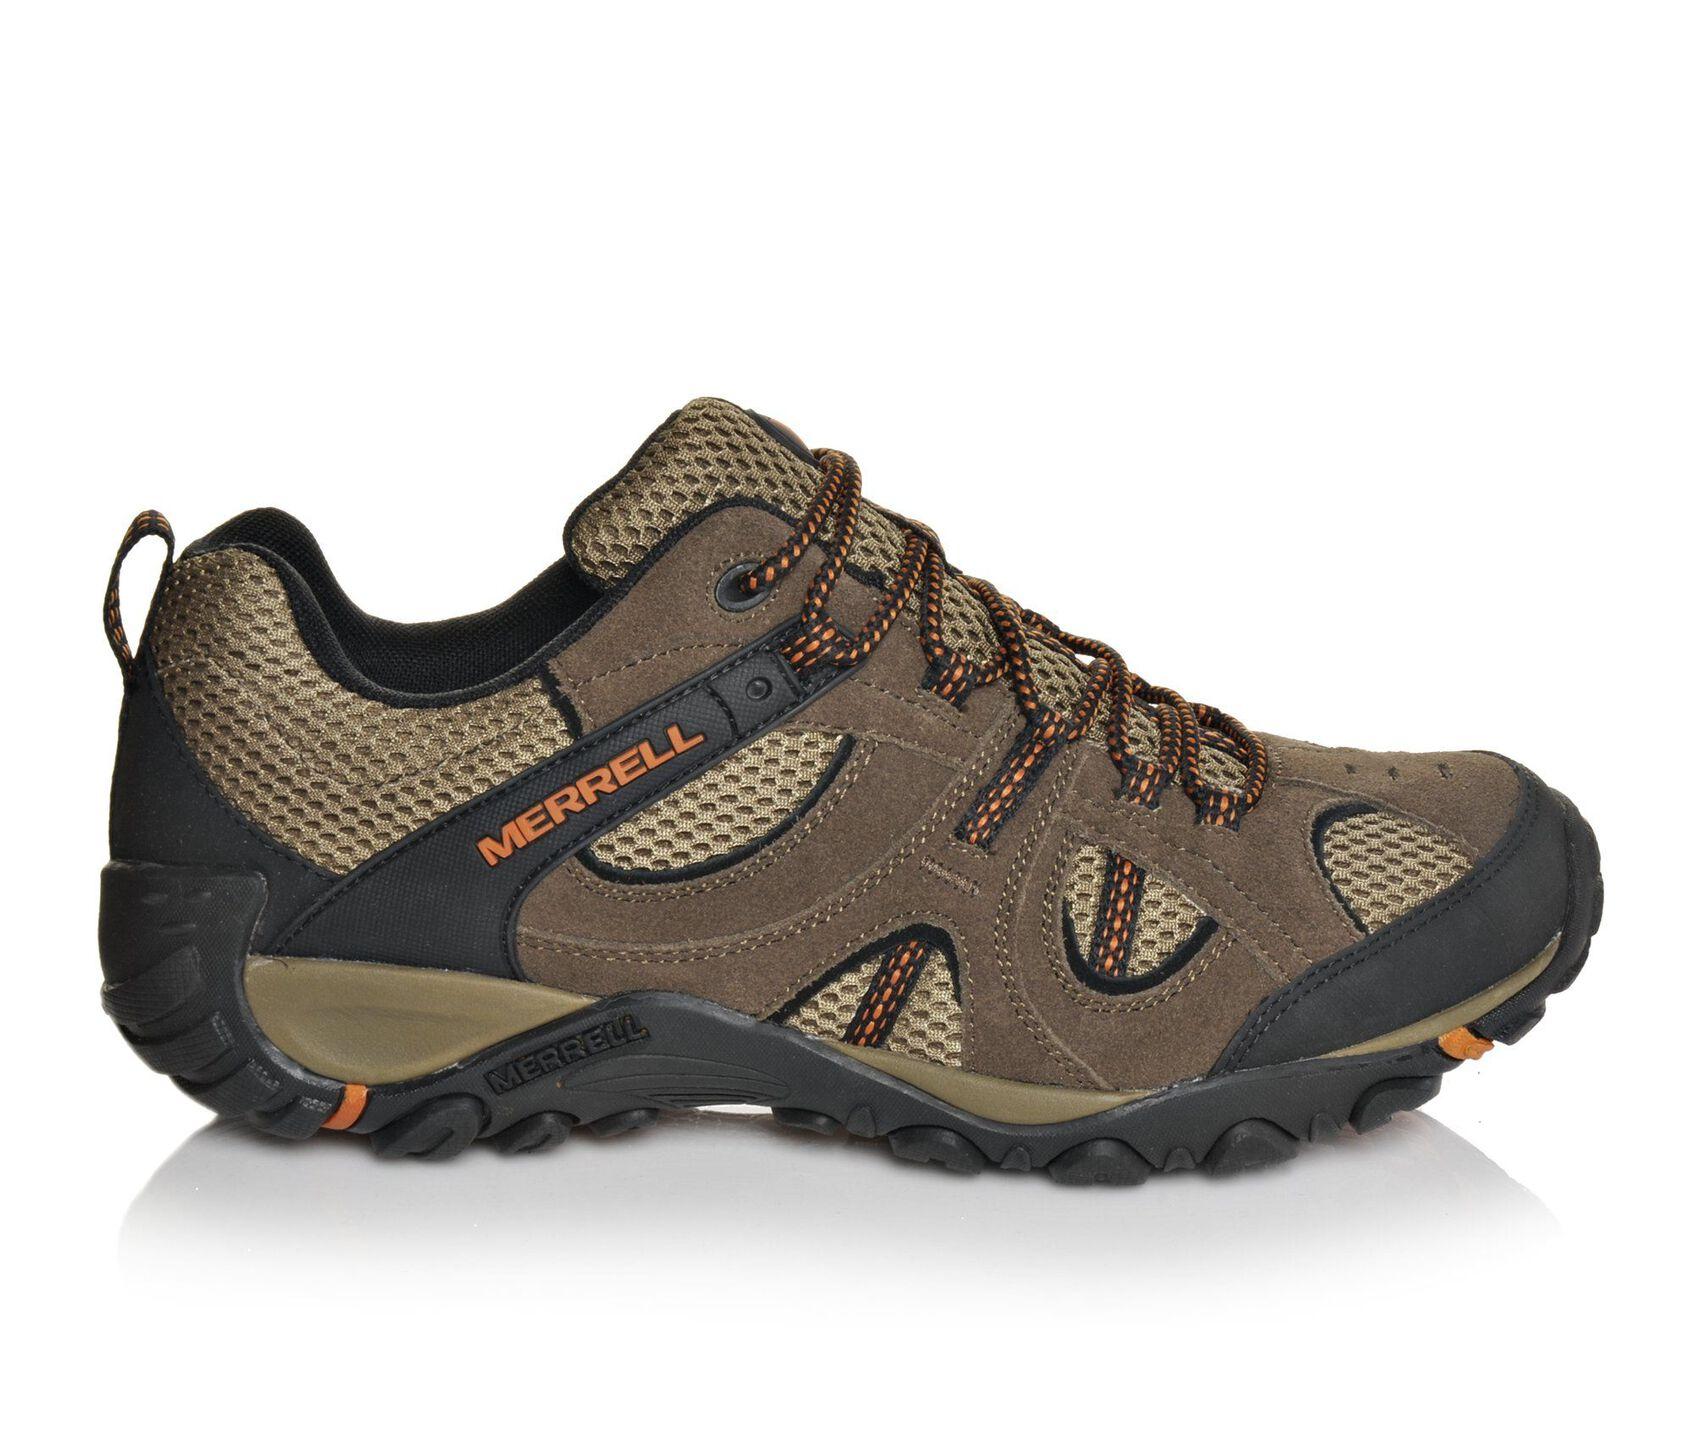 e7b83be910652 Men's Merrell Yokota Trail Ventilator Hiking Boots   Shoe Carnival